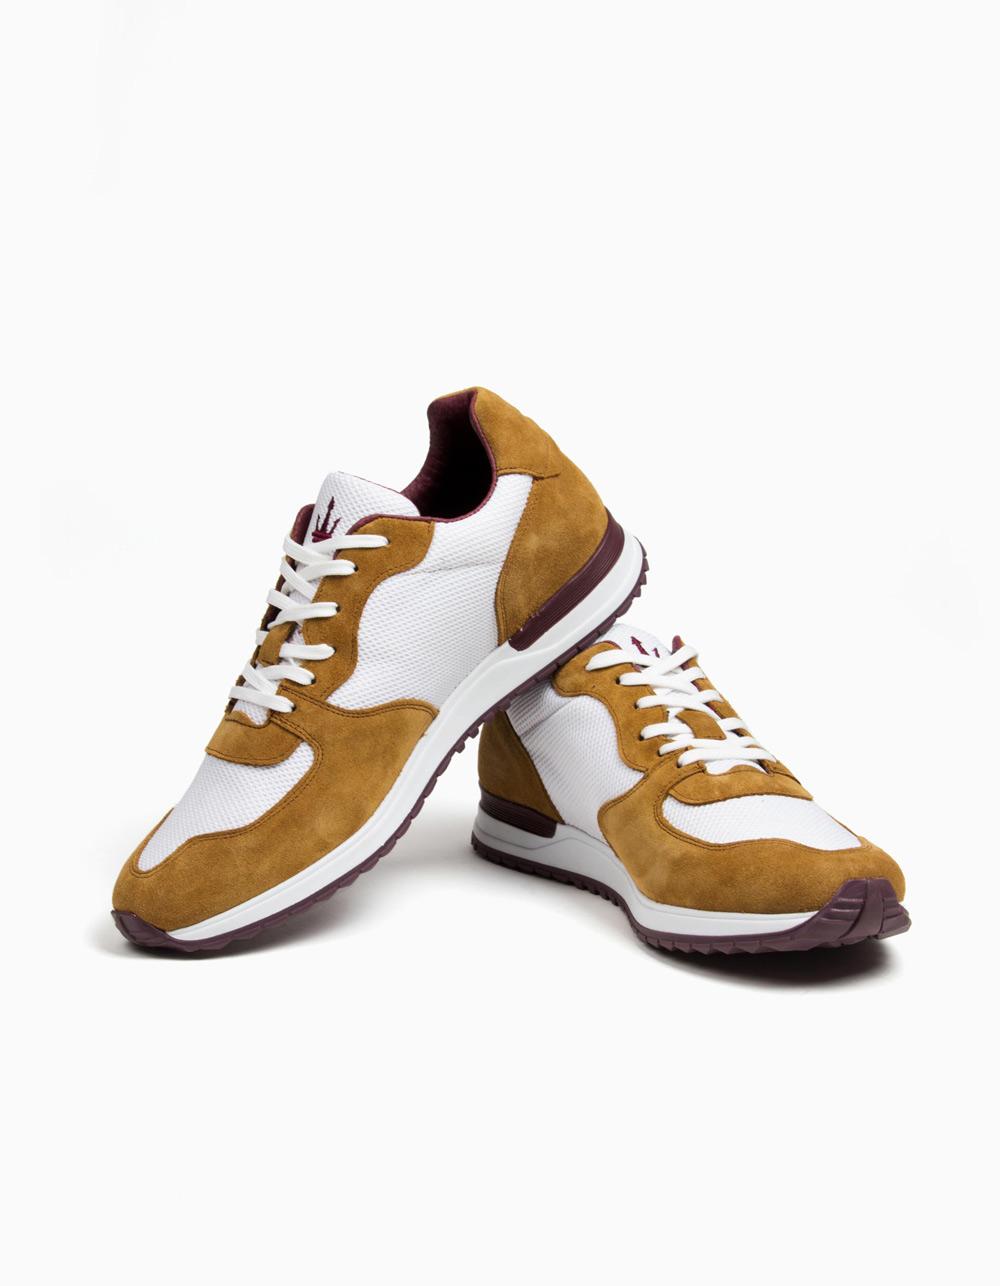 75d2b125e2973 Comprar zapatos sport hombre